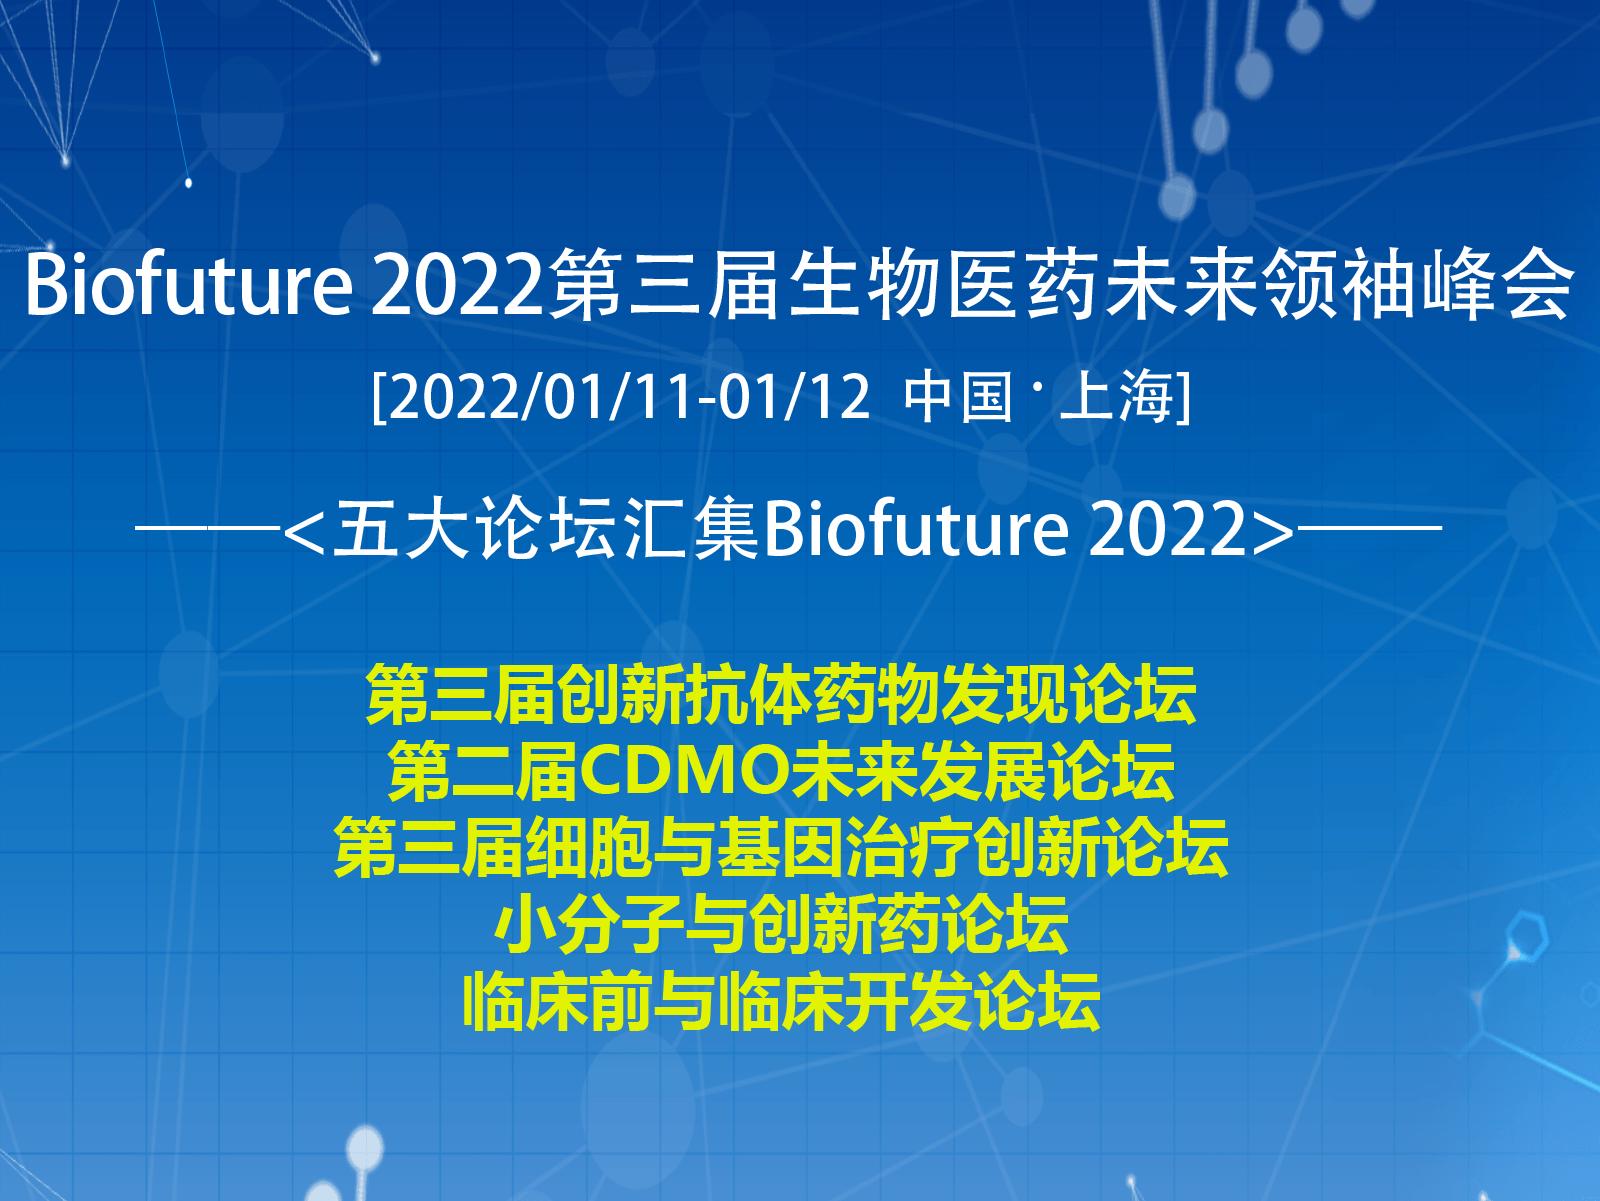 Biofuture 2022 第三屆生物醫藥未來領袖峰會